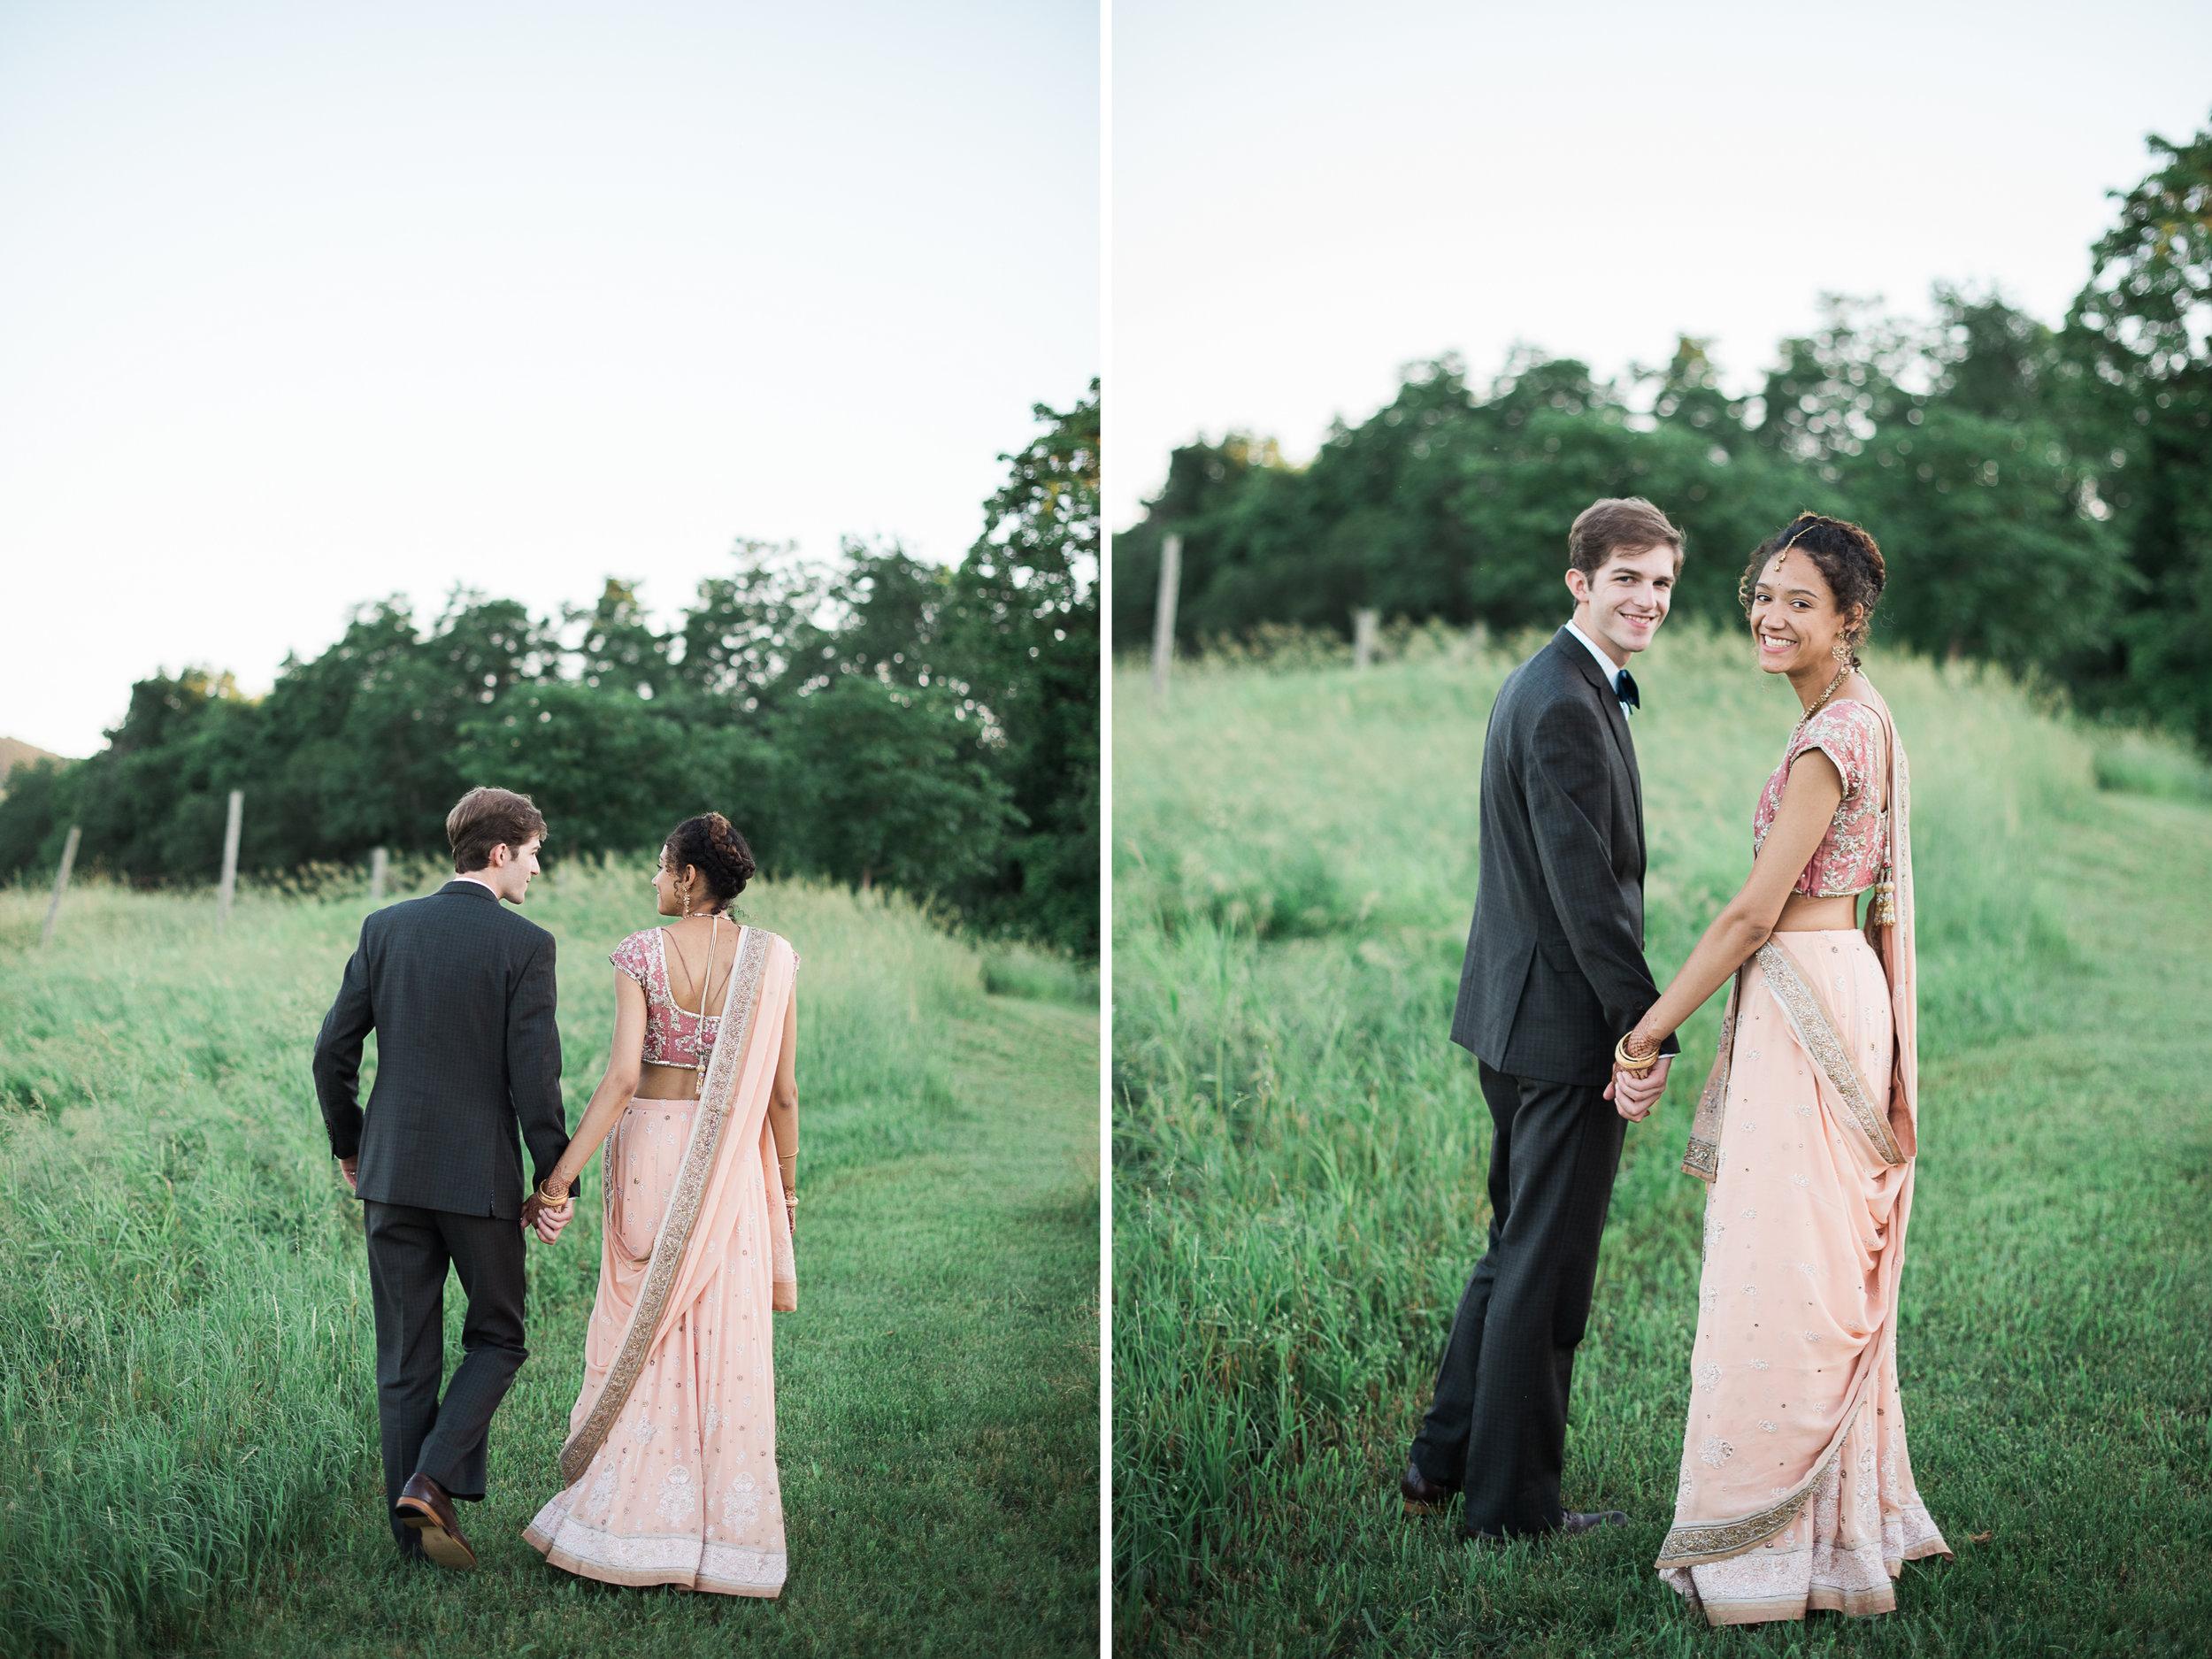 Northampton area wedding photographers